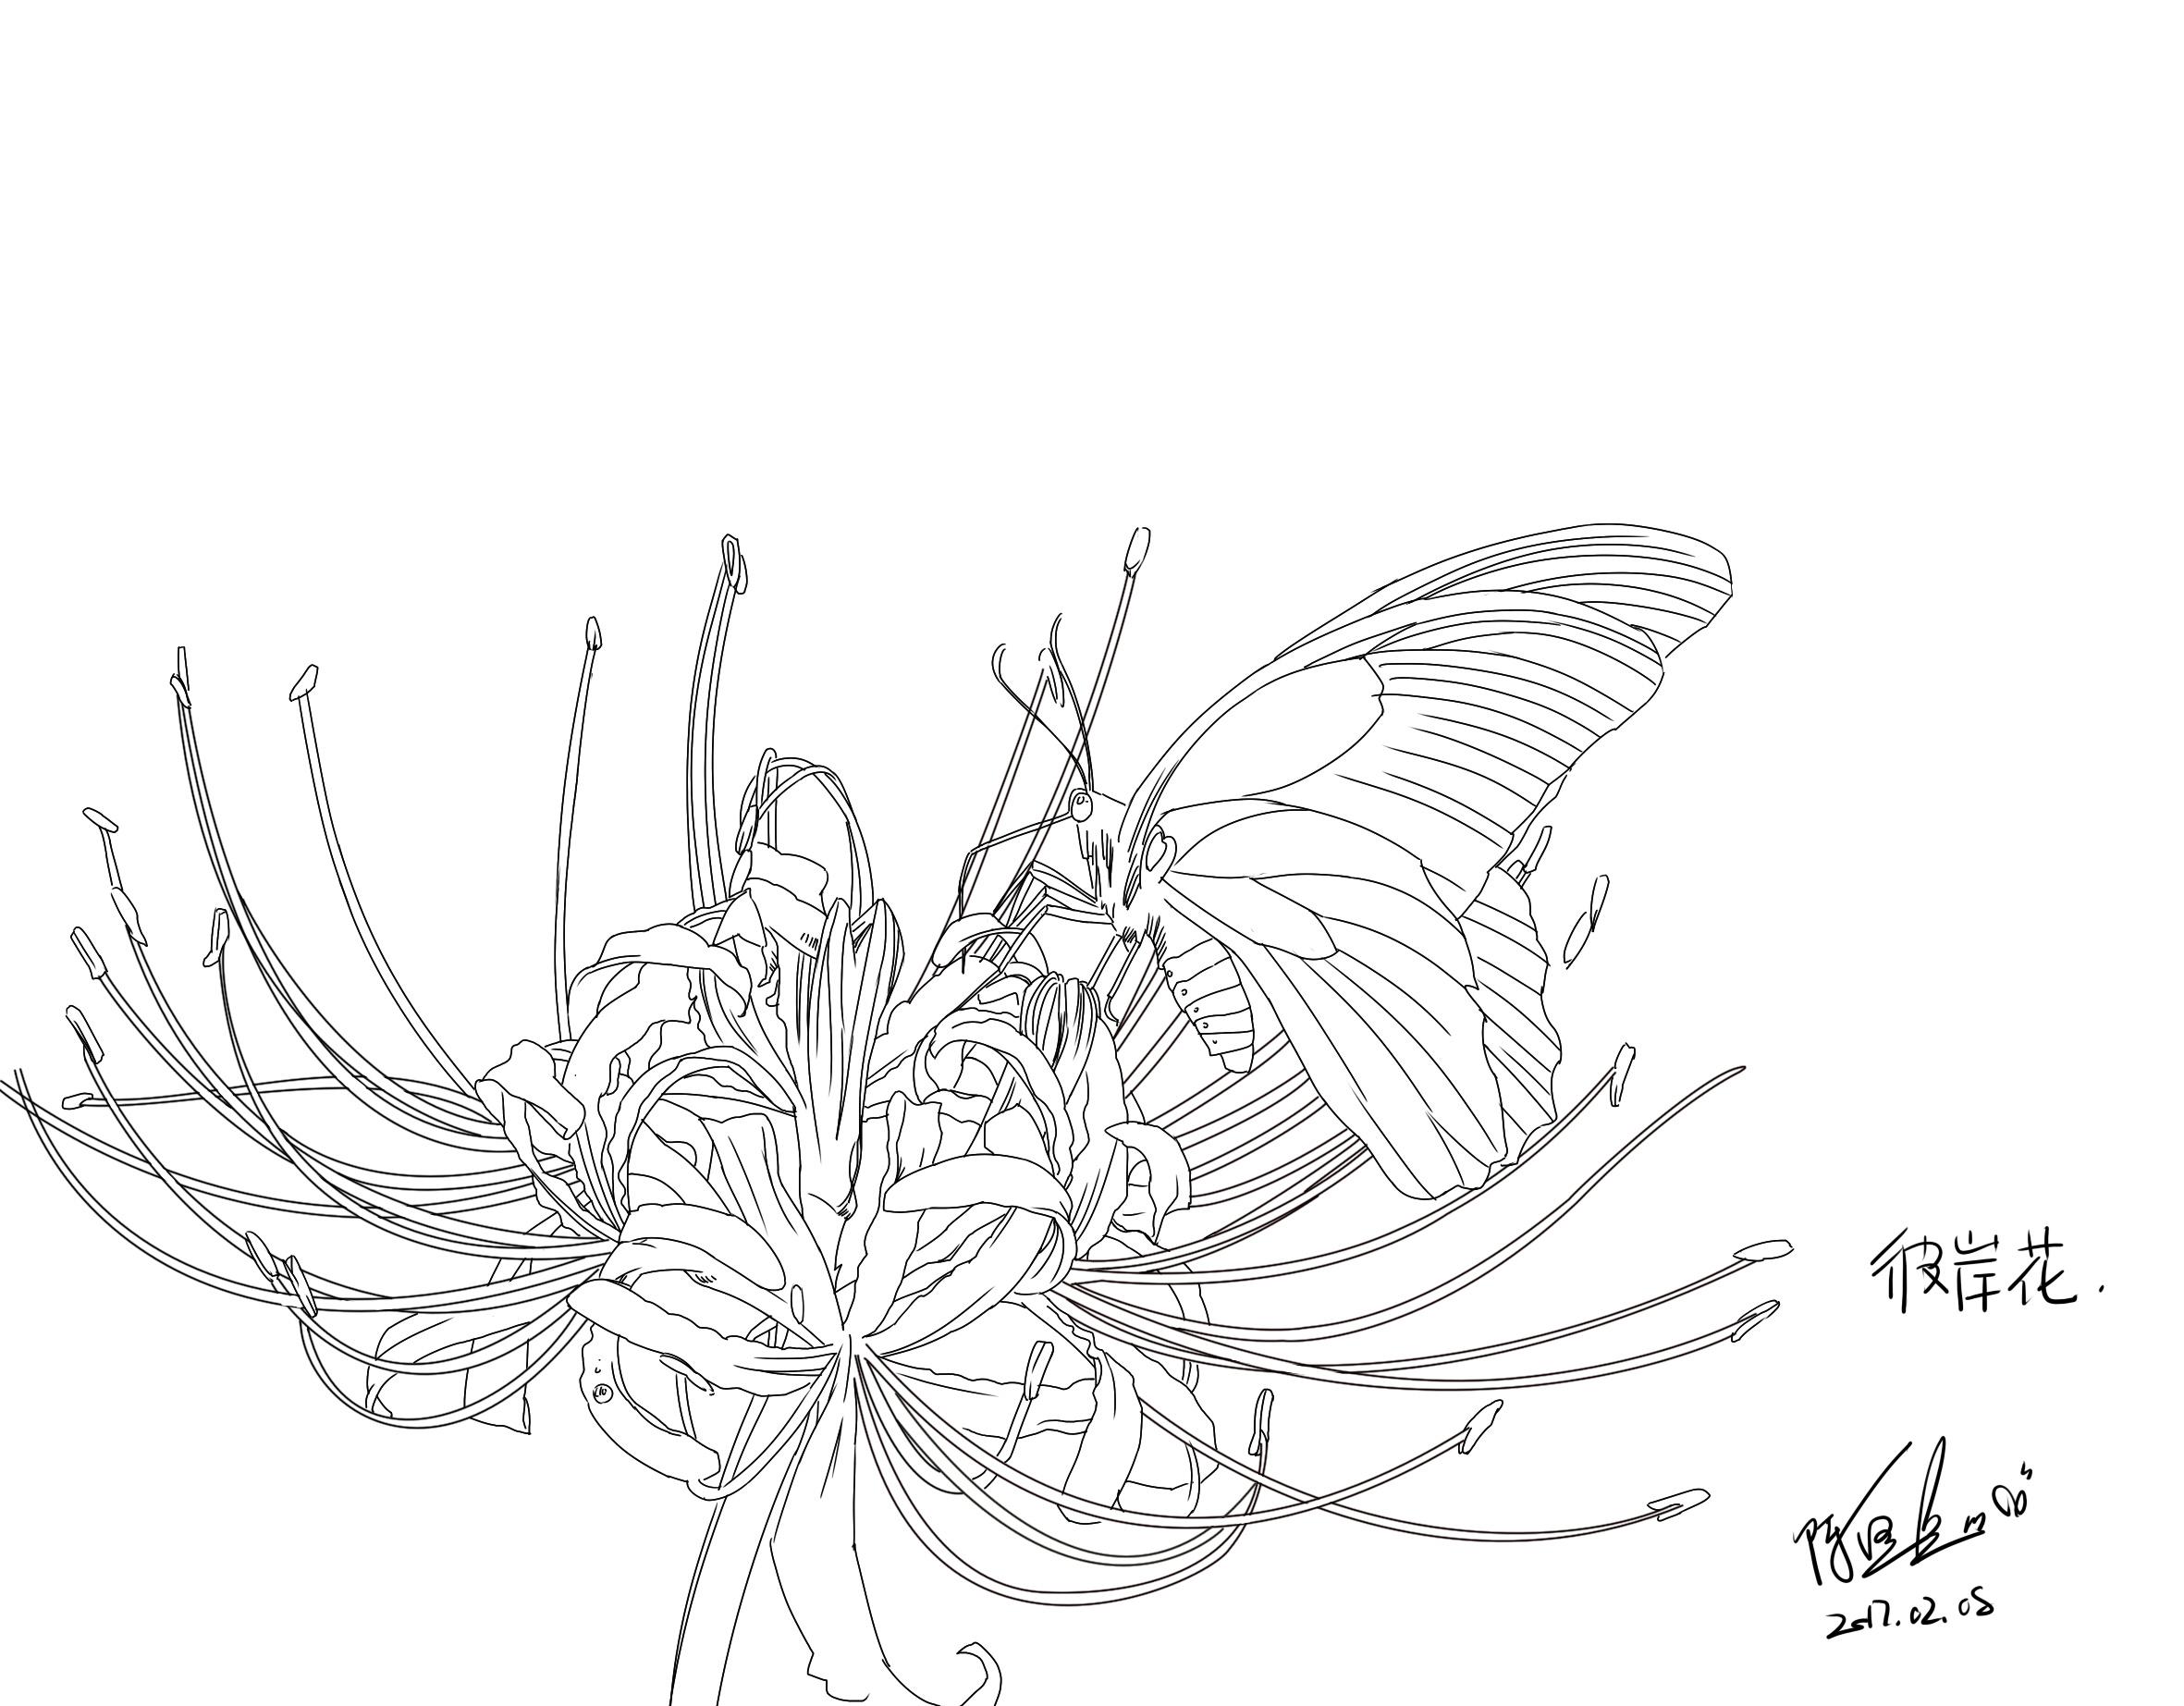 绘晨手绘 室外 植物手绘效果图 景观单体手绘效果图 景观植物线稿 绘